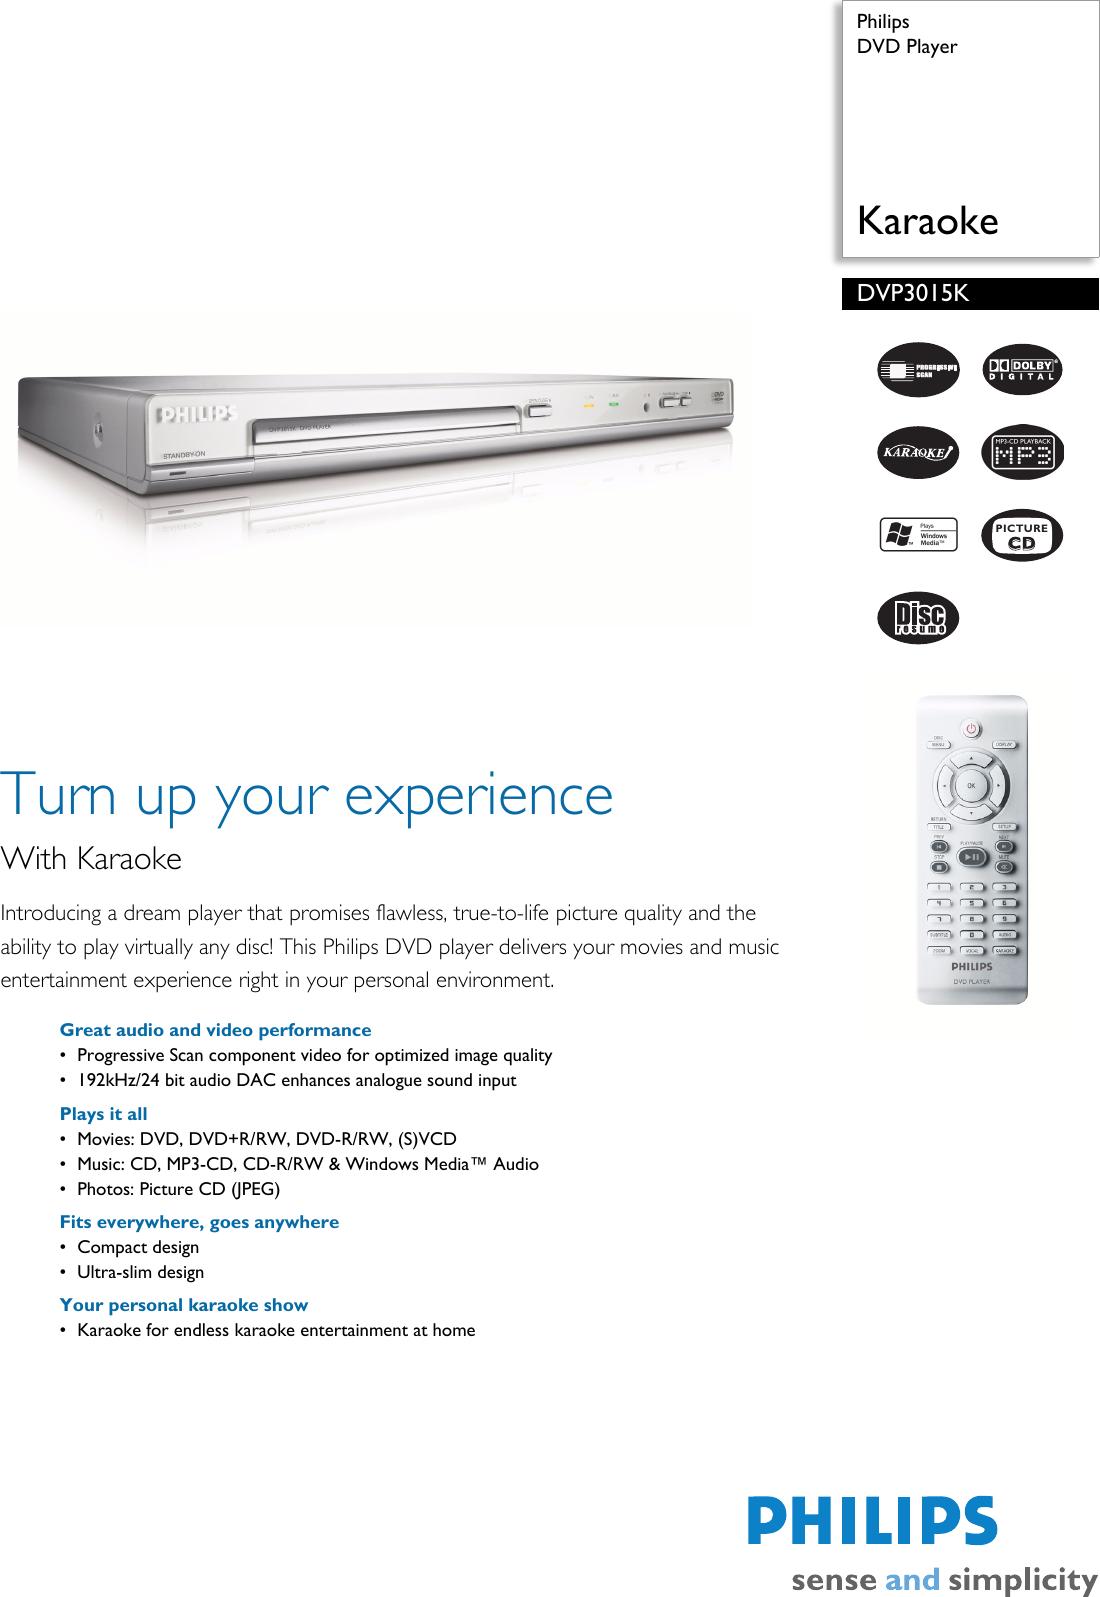 Philips DVP 3015K DVP3015K/98 DVD Player User Manual To The E1580ba9 082a  e584 a5c5 fd54bbfc048e